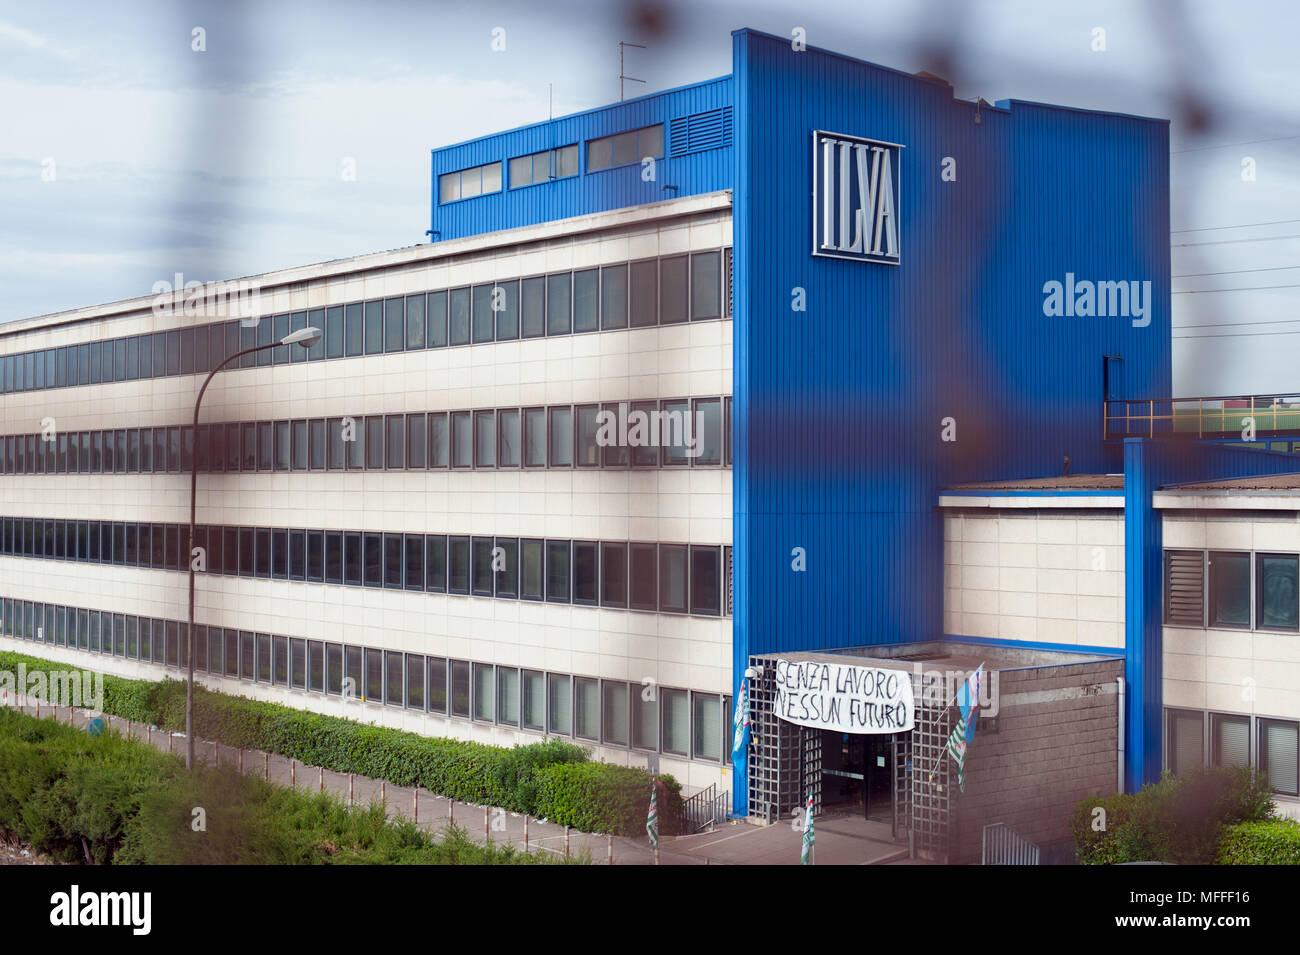 Taranto. ILVA fabbrica di acciaio. Italia Immagini Stock